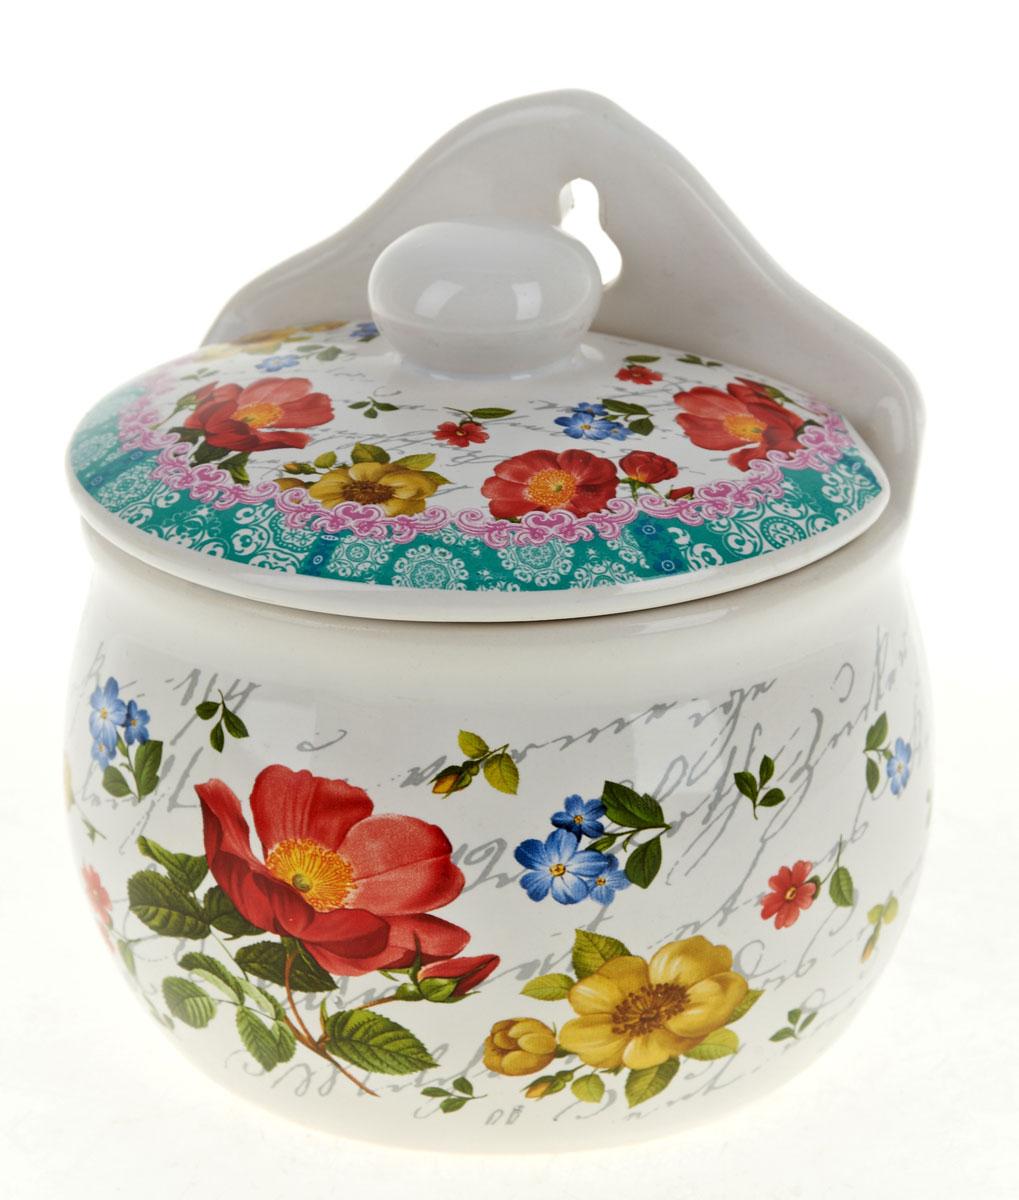 Солонка ENS Group Цветочная поэма0660112Оригинальная солонка Цветочная поэма изготовлена из высококачественной керамики. Изделие имеет отверстие для подвешивания. Солонка украсит любую кухню и подчеркнет прекрасный вкус хозяина.